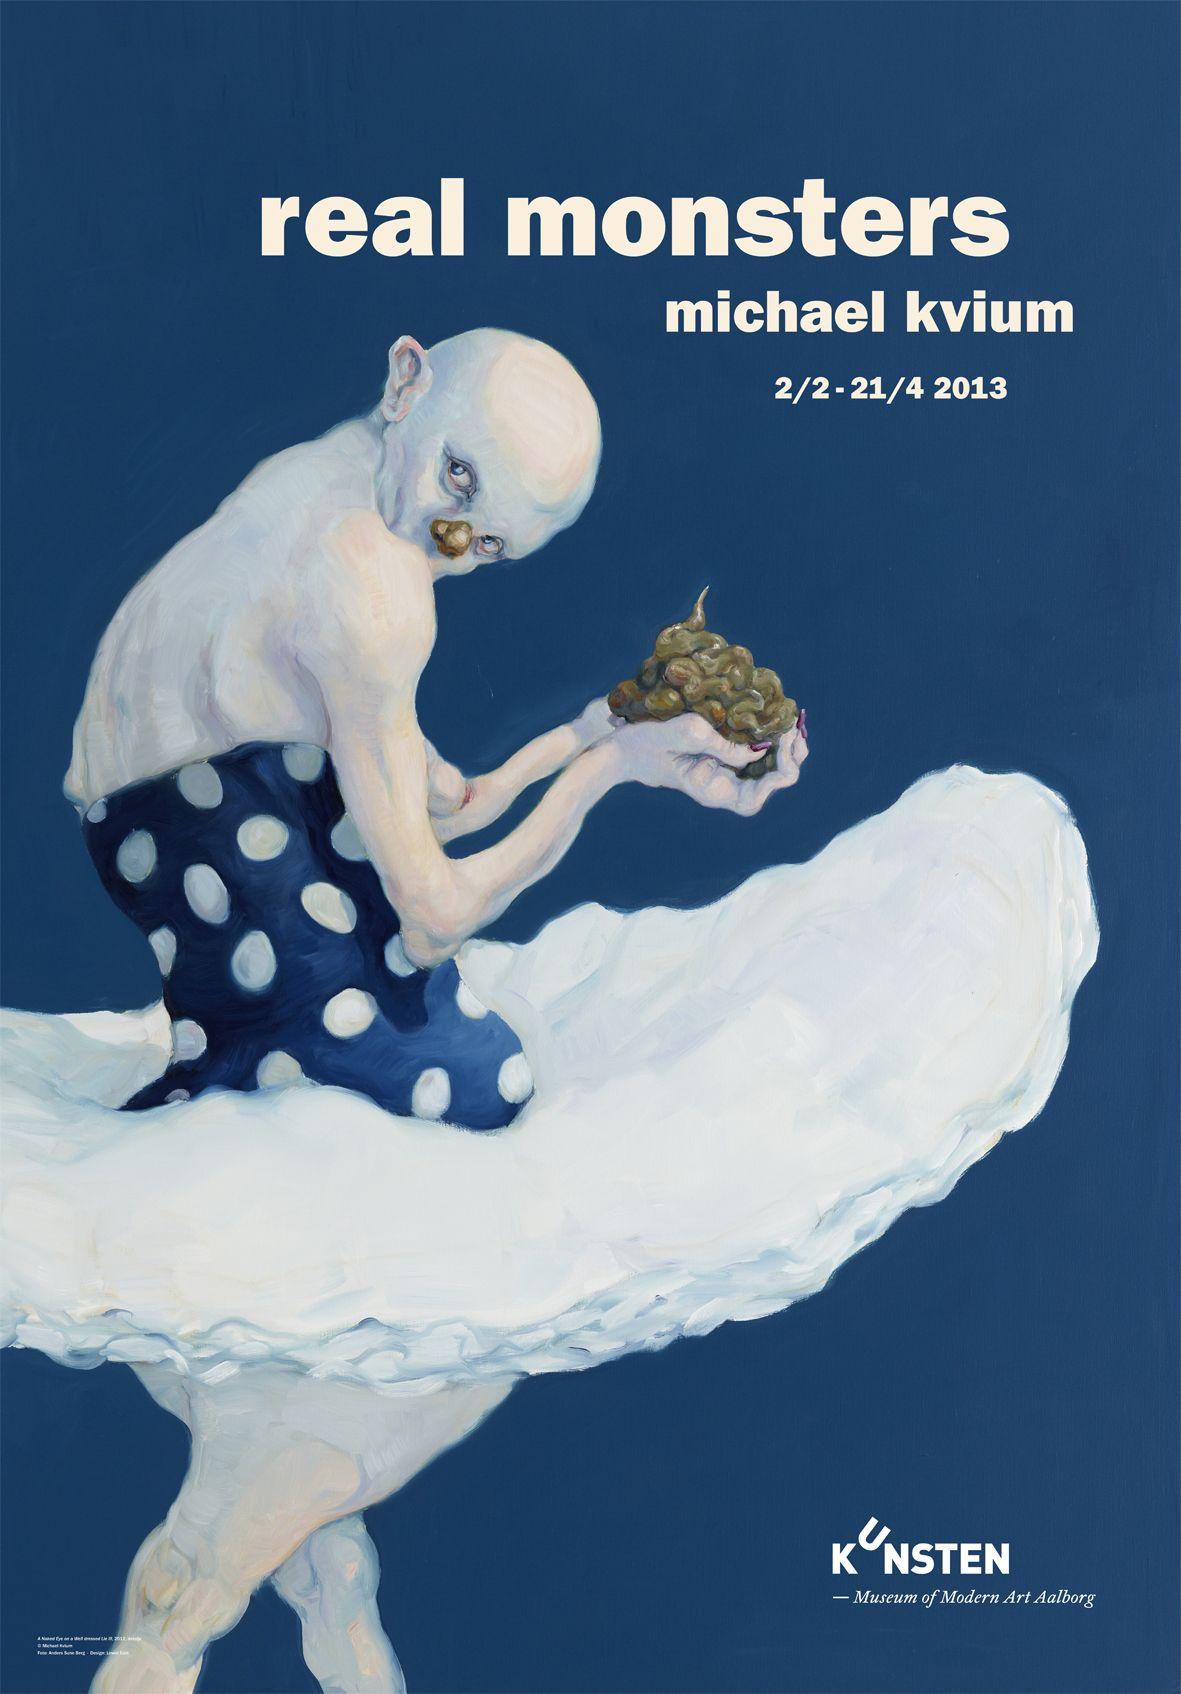 Michael Kvium At Kunsten Plakater Kunst Kunstnere